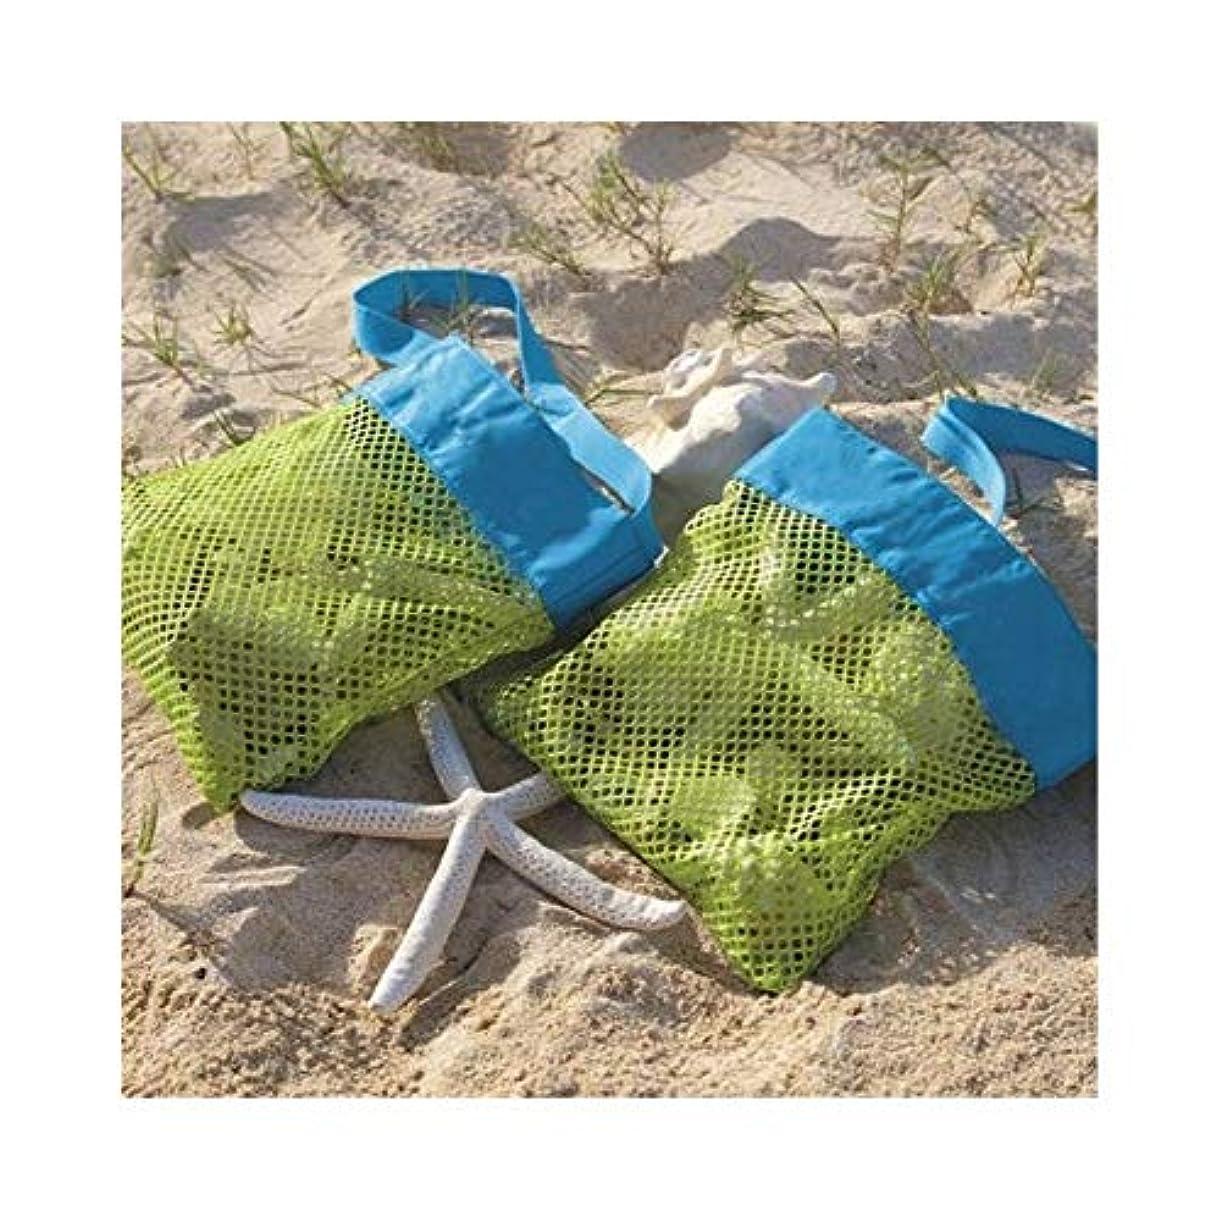 無し適応許可する屋外子供のビーチおもちゃ速い収納袋砂浚渫工具雑貨収納ネット (Color : Blue, Size : 25*25cm/9.8*9.8in)